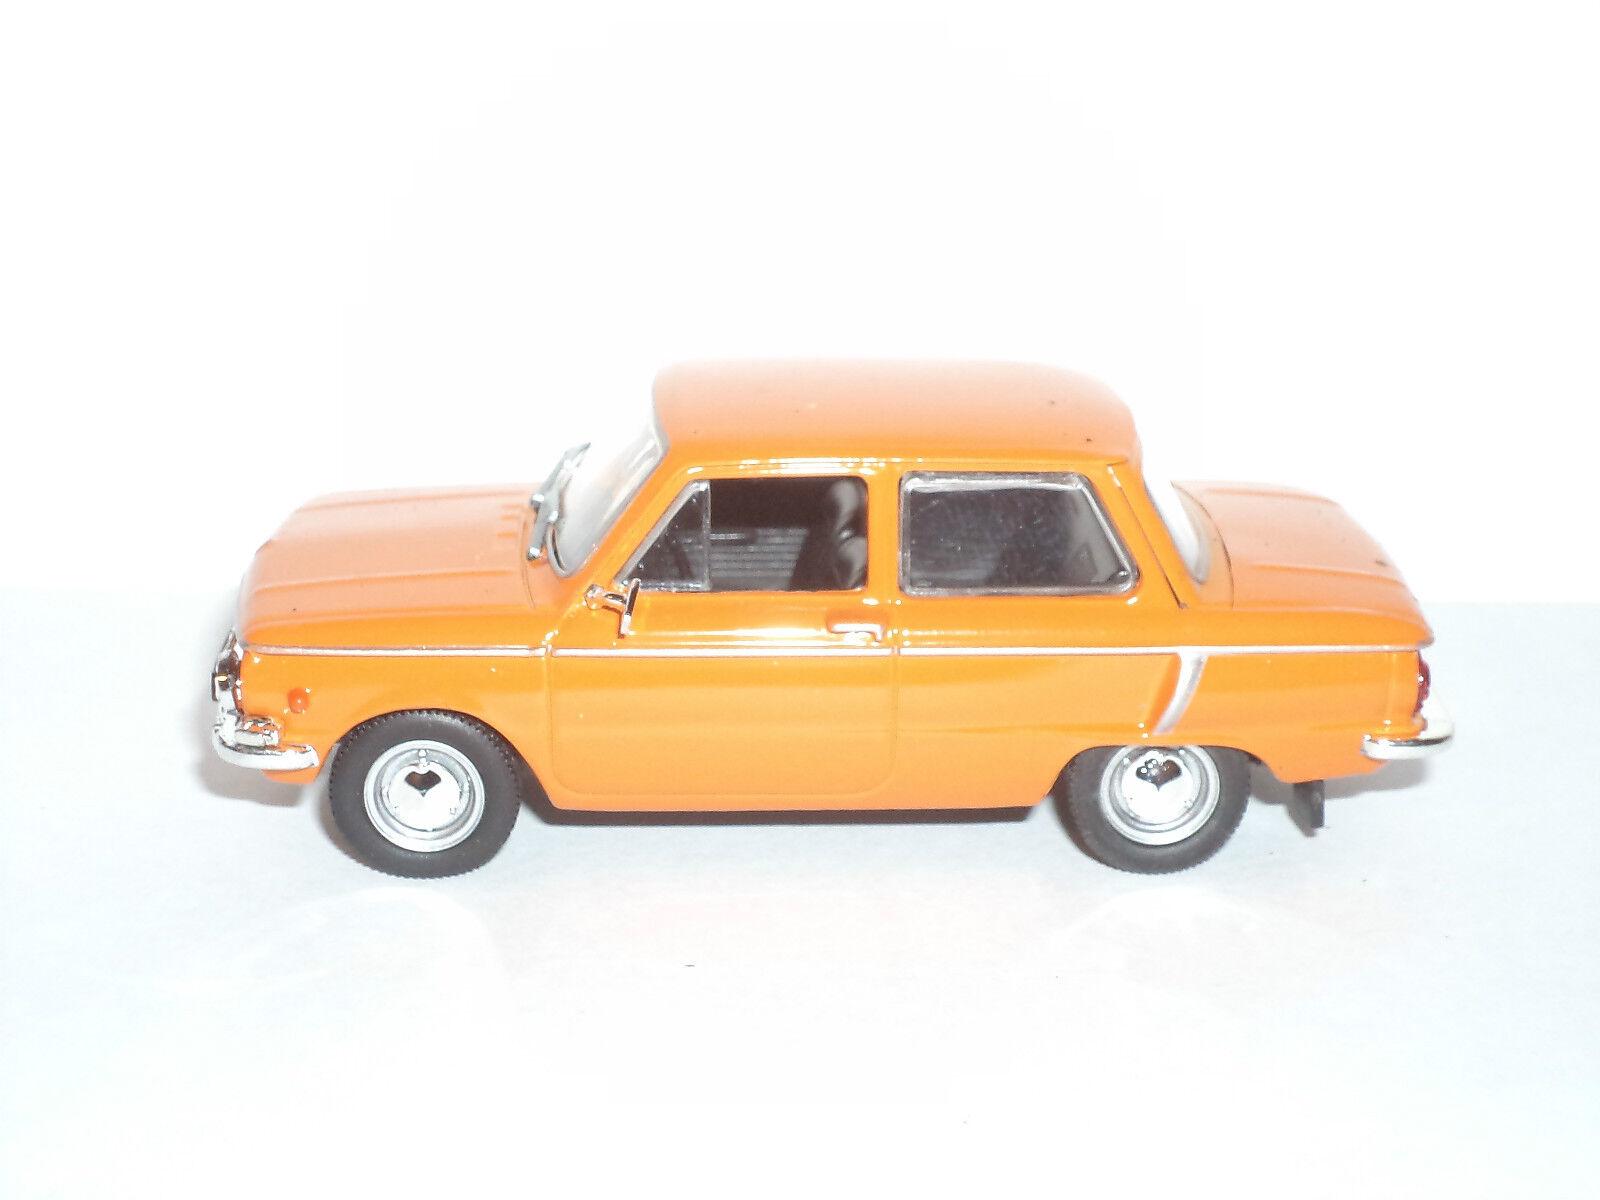 Sammlung Russisches Modellauto von DeAgostini: ZAZ-968A Saporoshets 1:43 # 28